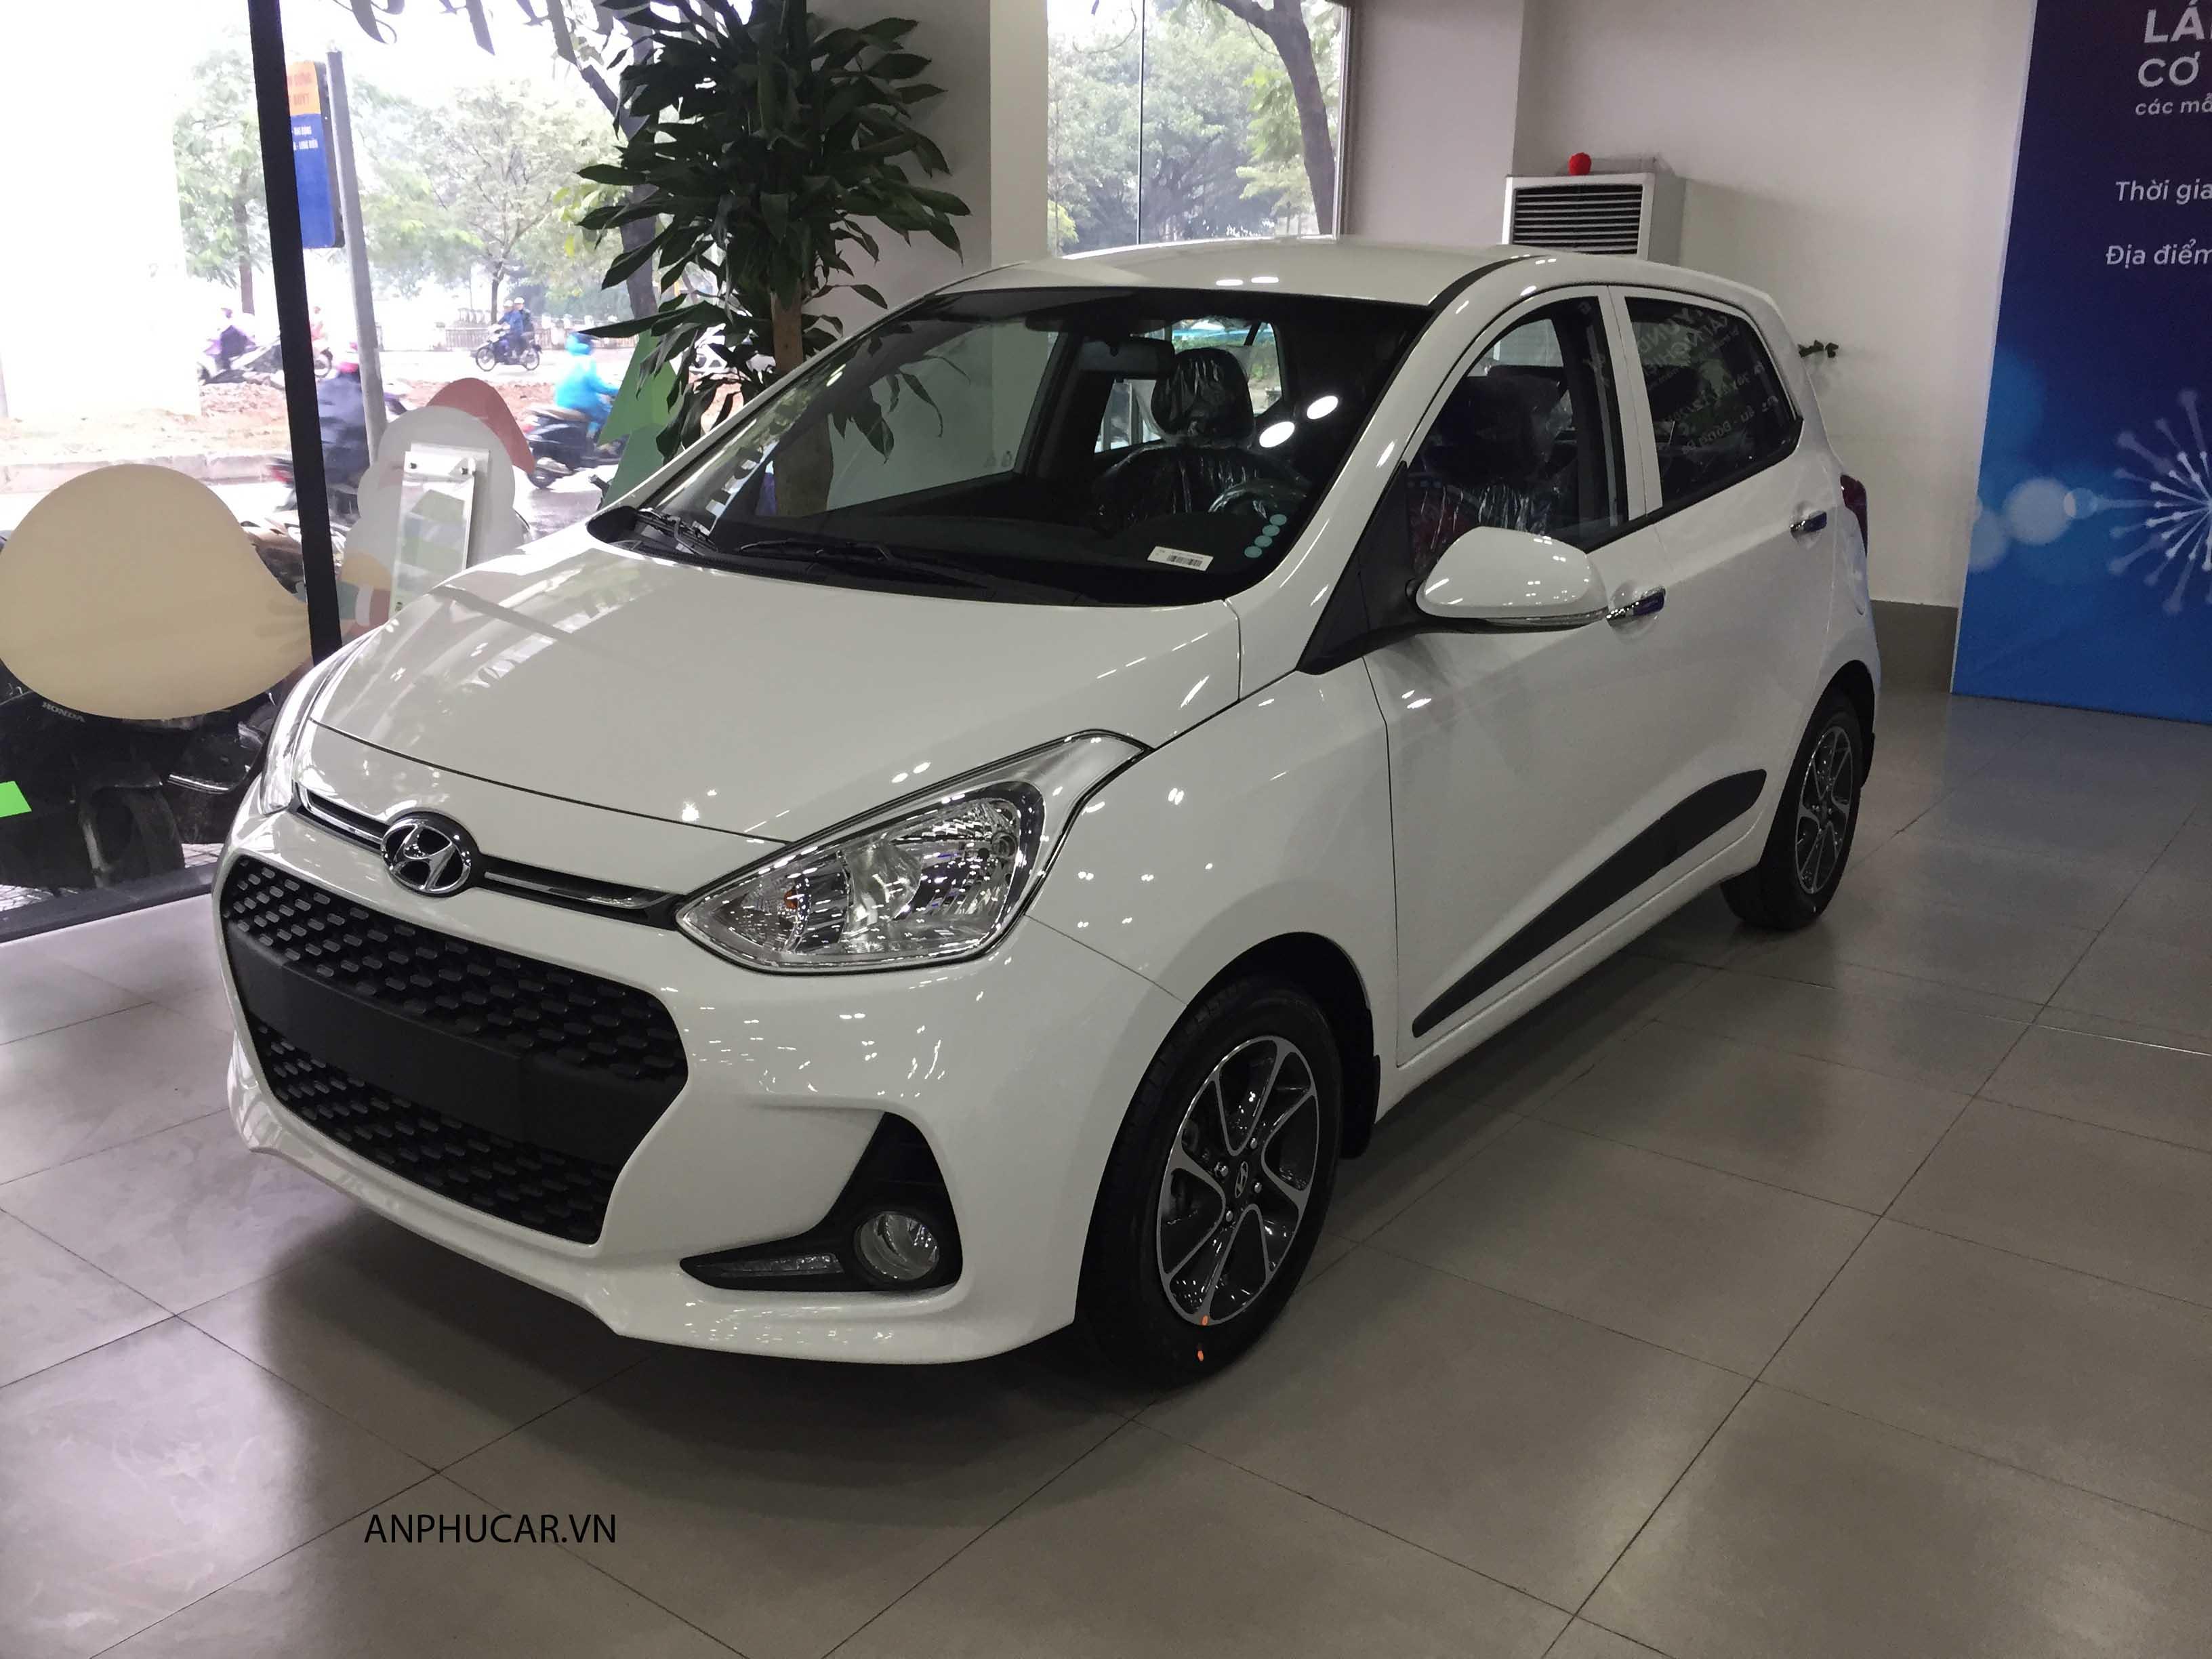 Hyundai i10 màu trắng